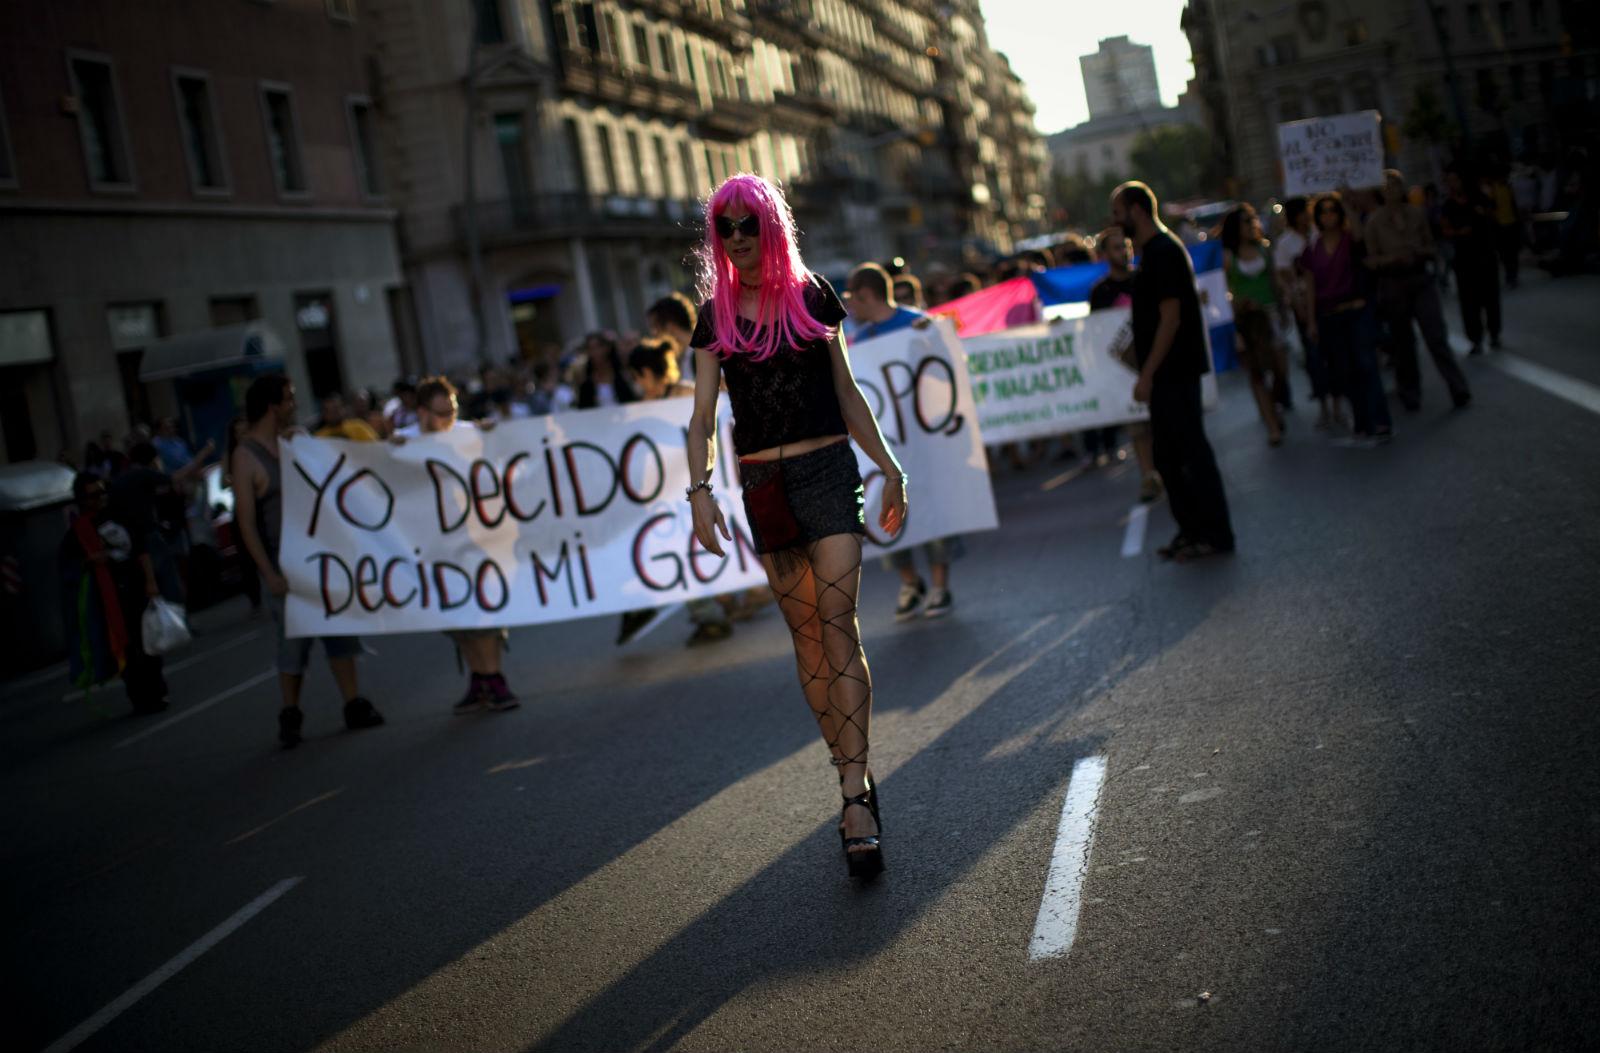 Transgender discrimination is still a problem